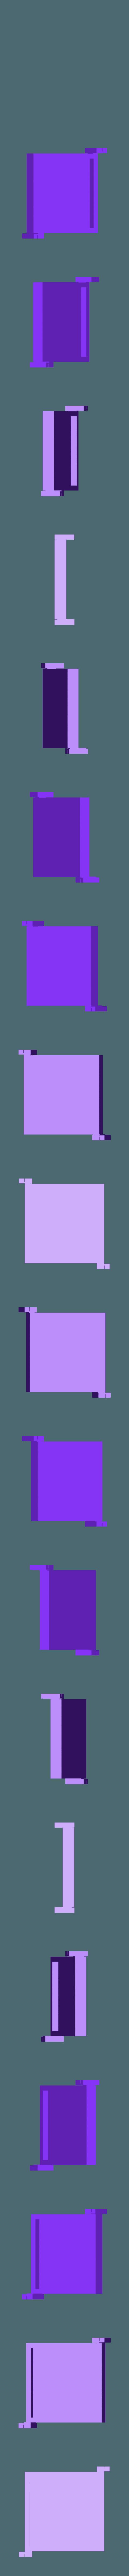 Lid_Short.stl Télécharger fichier STL gratuit Une simple boîte secrète • Objet imprimable en 3D, gzumwalt